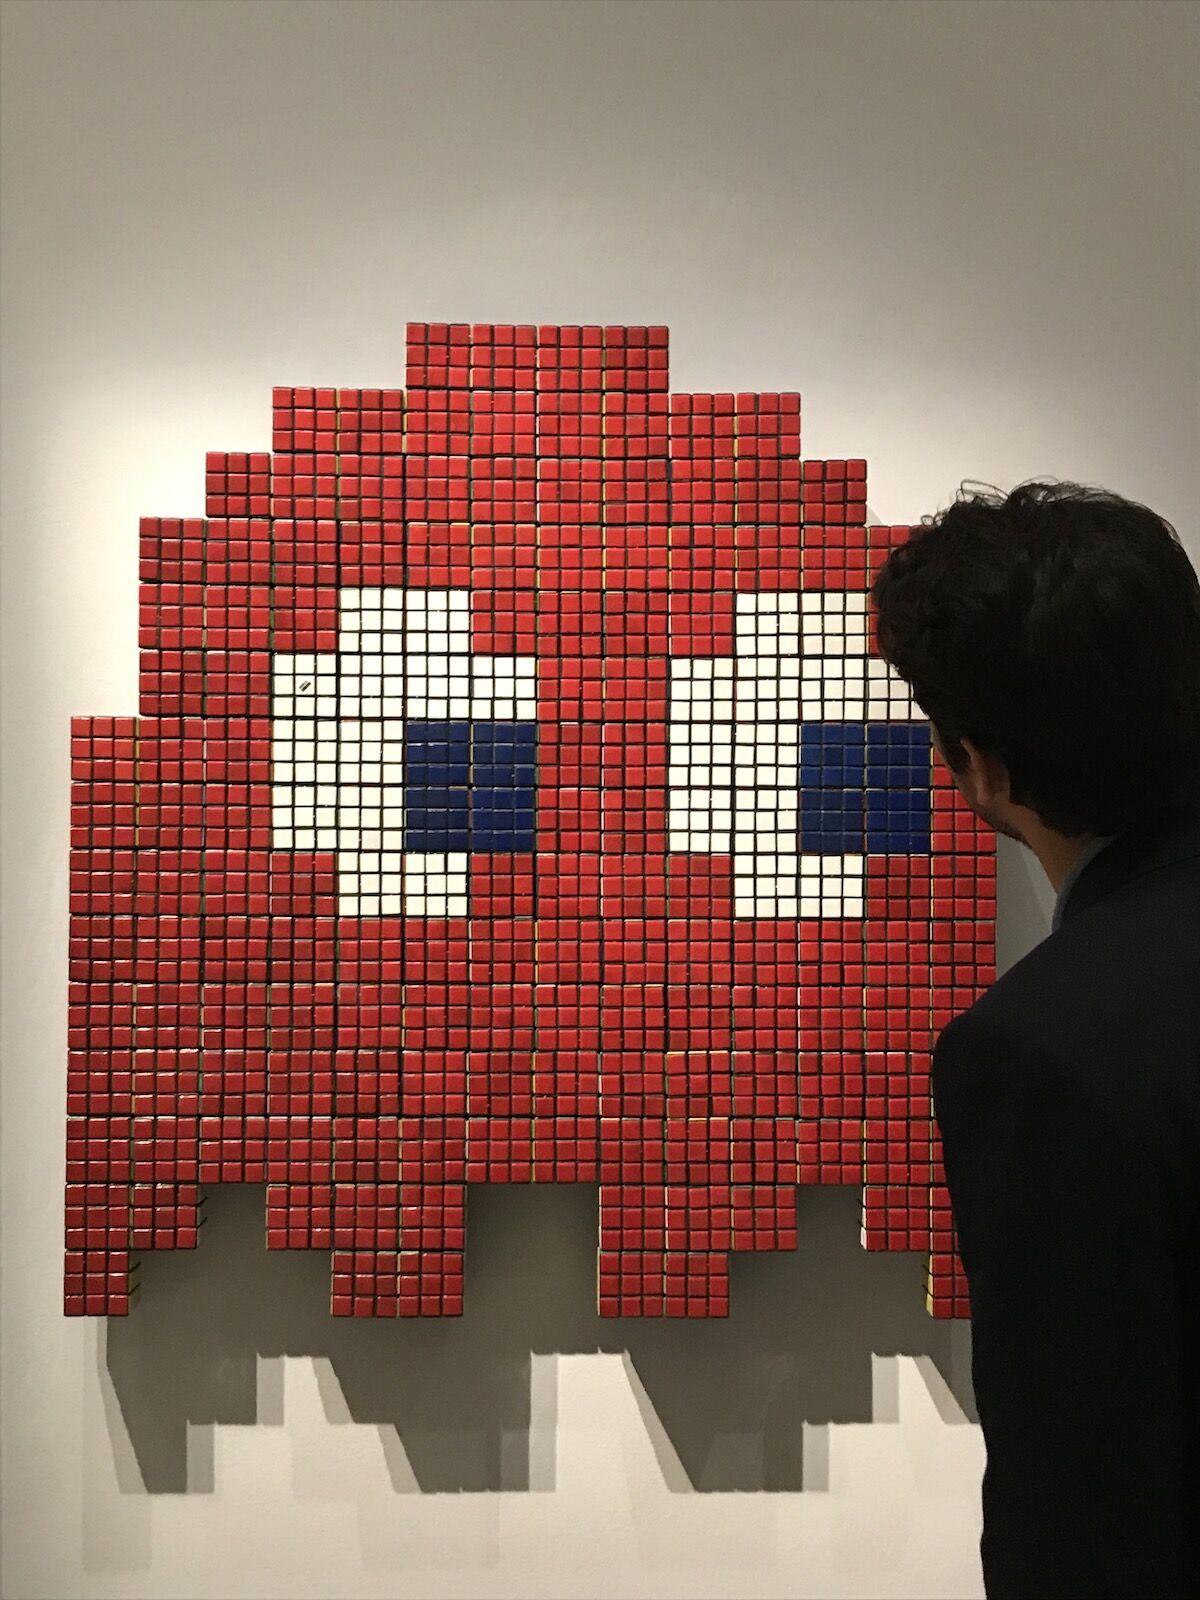 Invader, Red Rubik Phantom, 2007. Sold for £162,500 ($200,000). Courtesy Sotheby's.